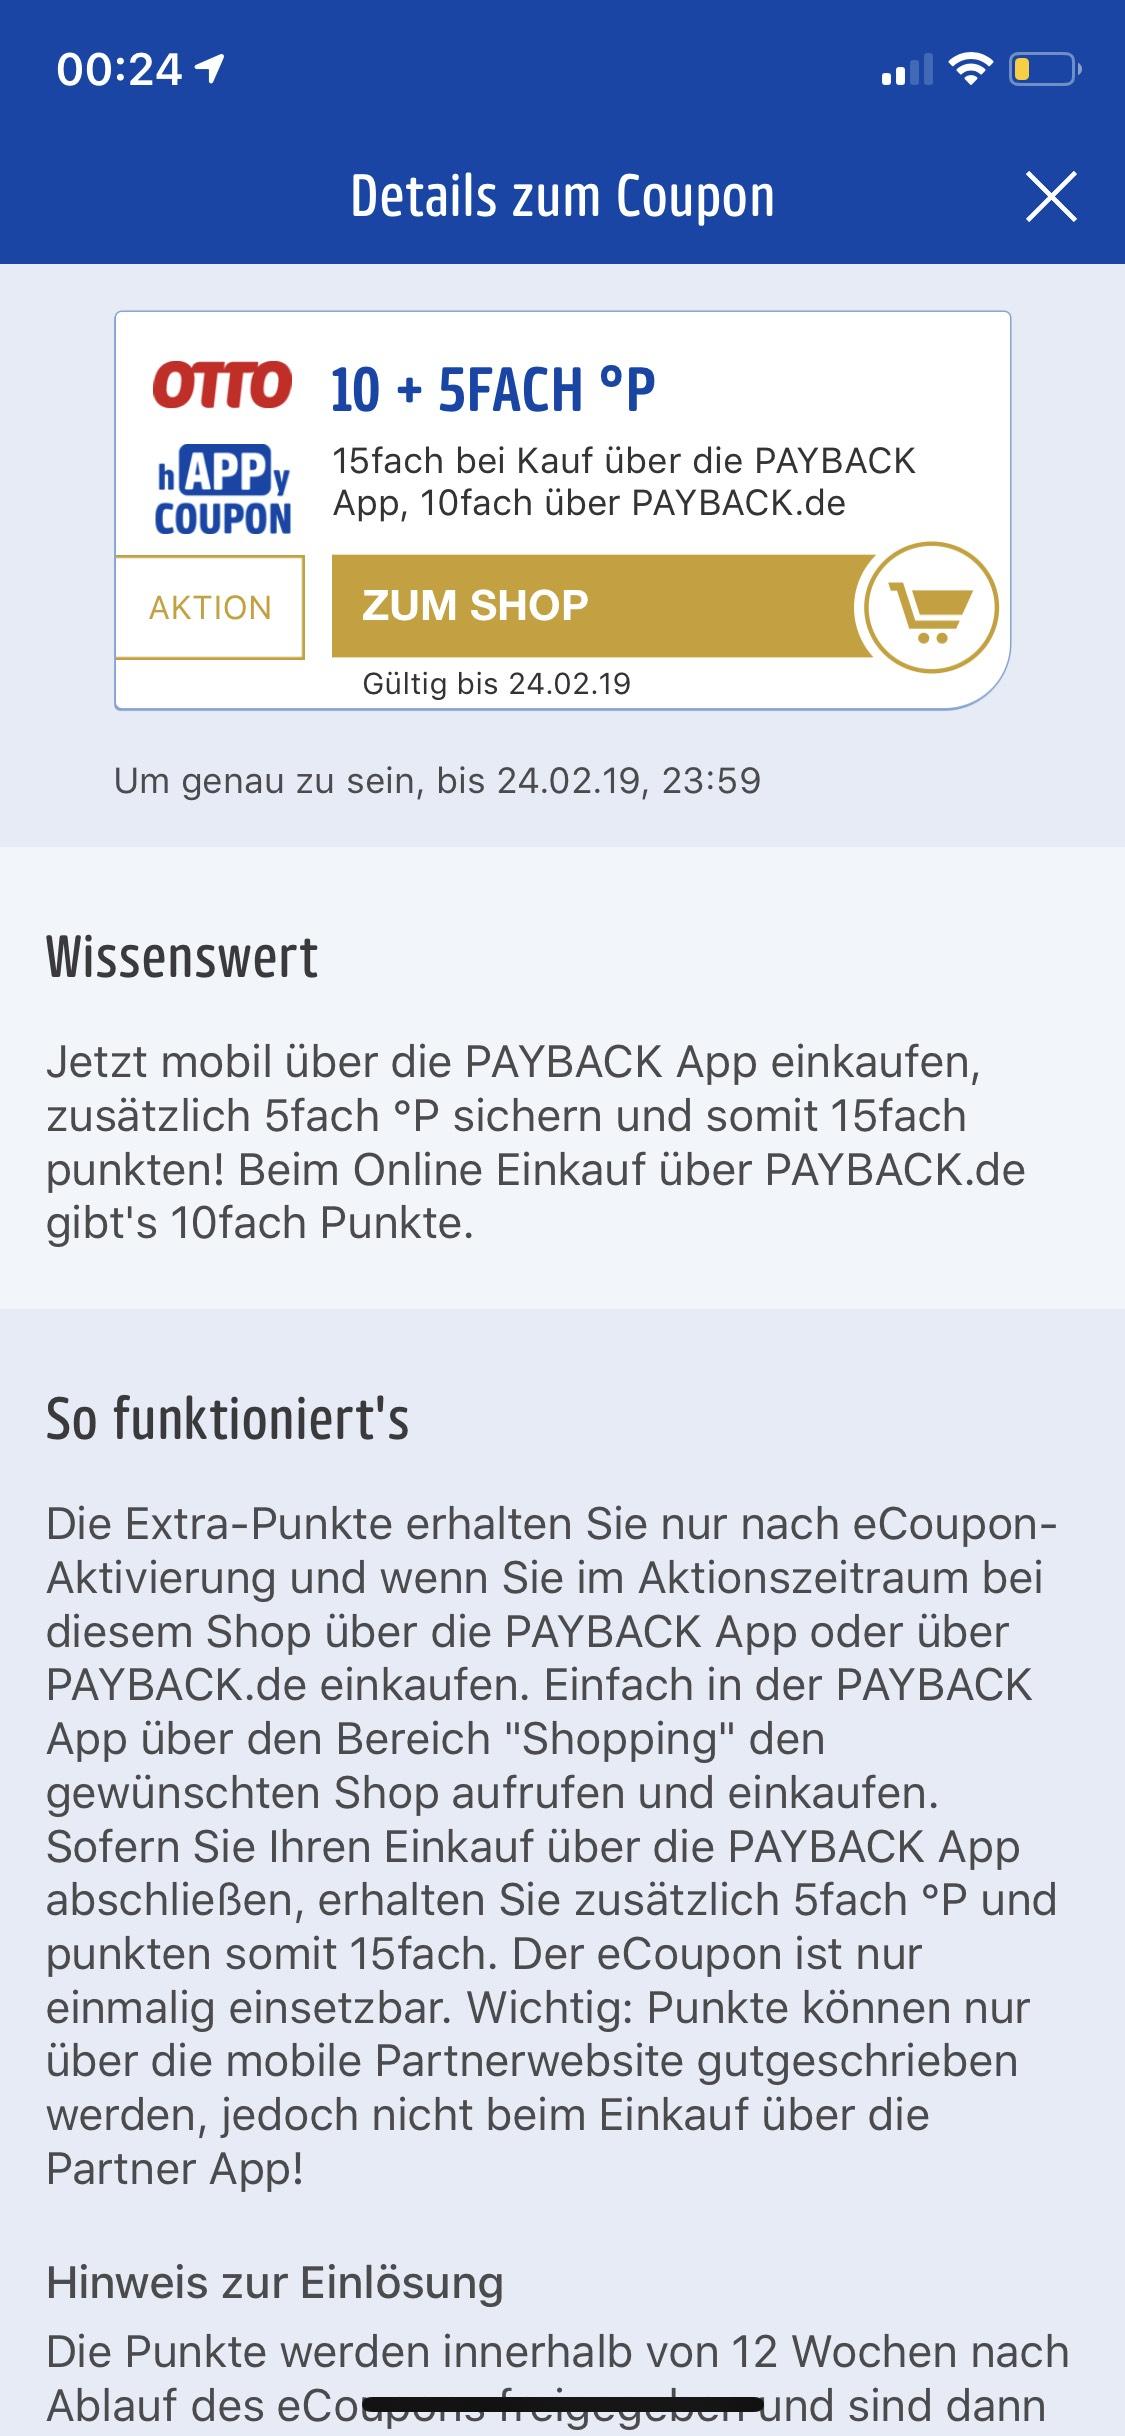 Payback 10-15 Fache P für Otto